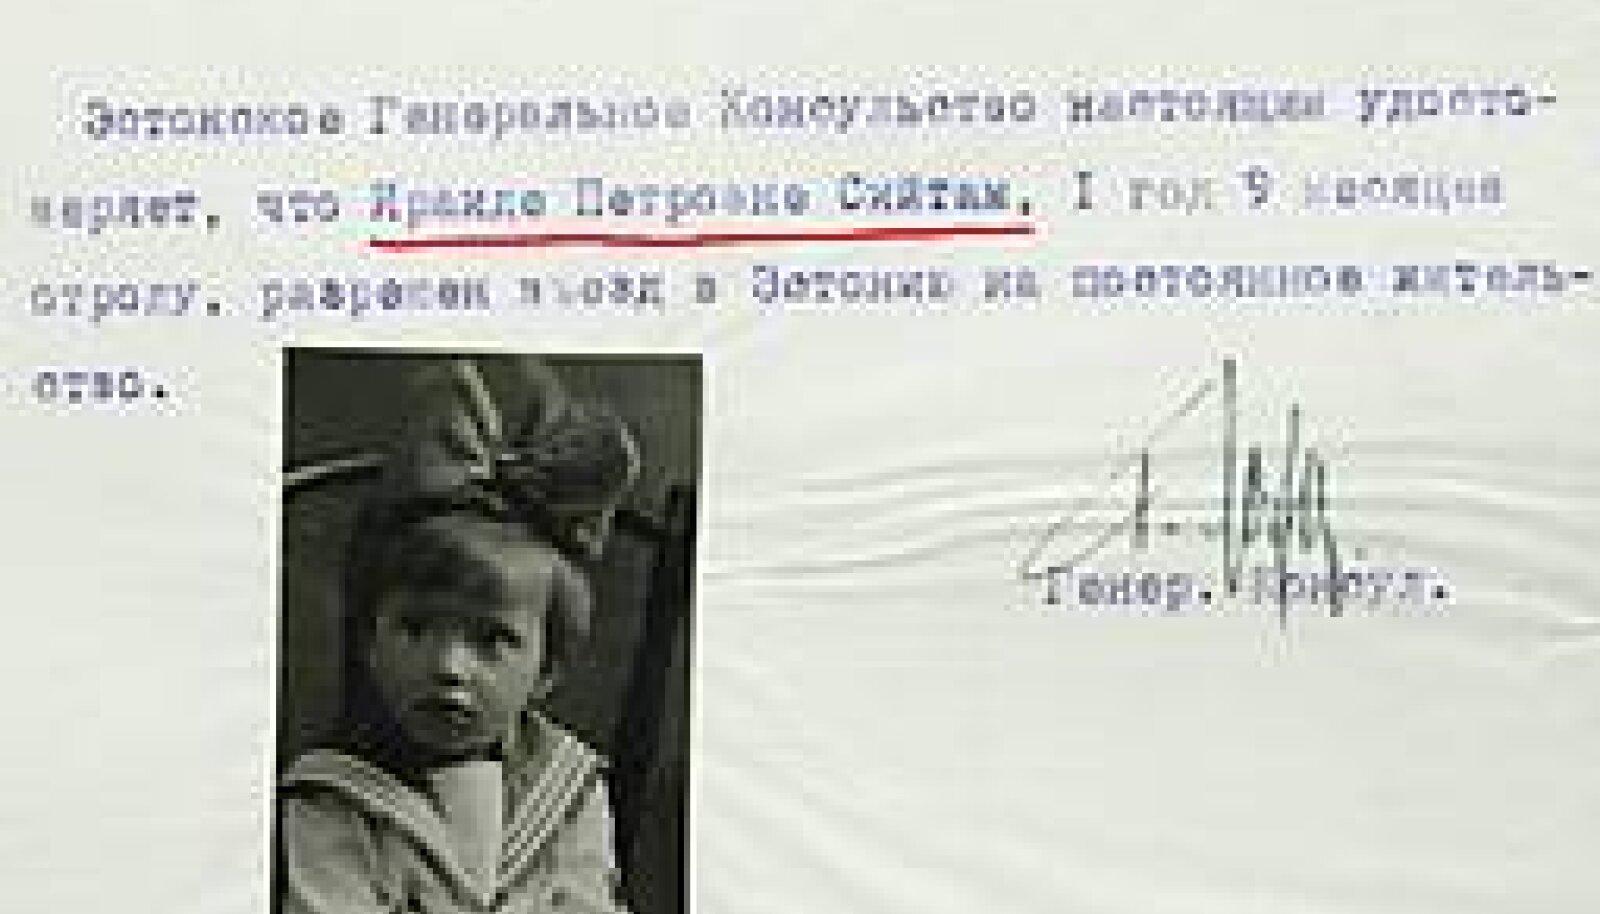 EMA: Iraida Siitam, vanust aasta ja üheksa kuud. Foto Leningradi peakonsulaadi poolt 1928 väljastatud piiriületamistunnistuselt.